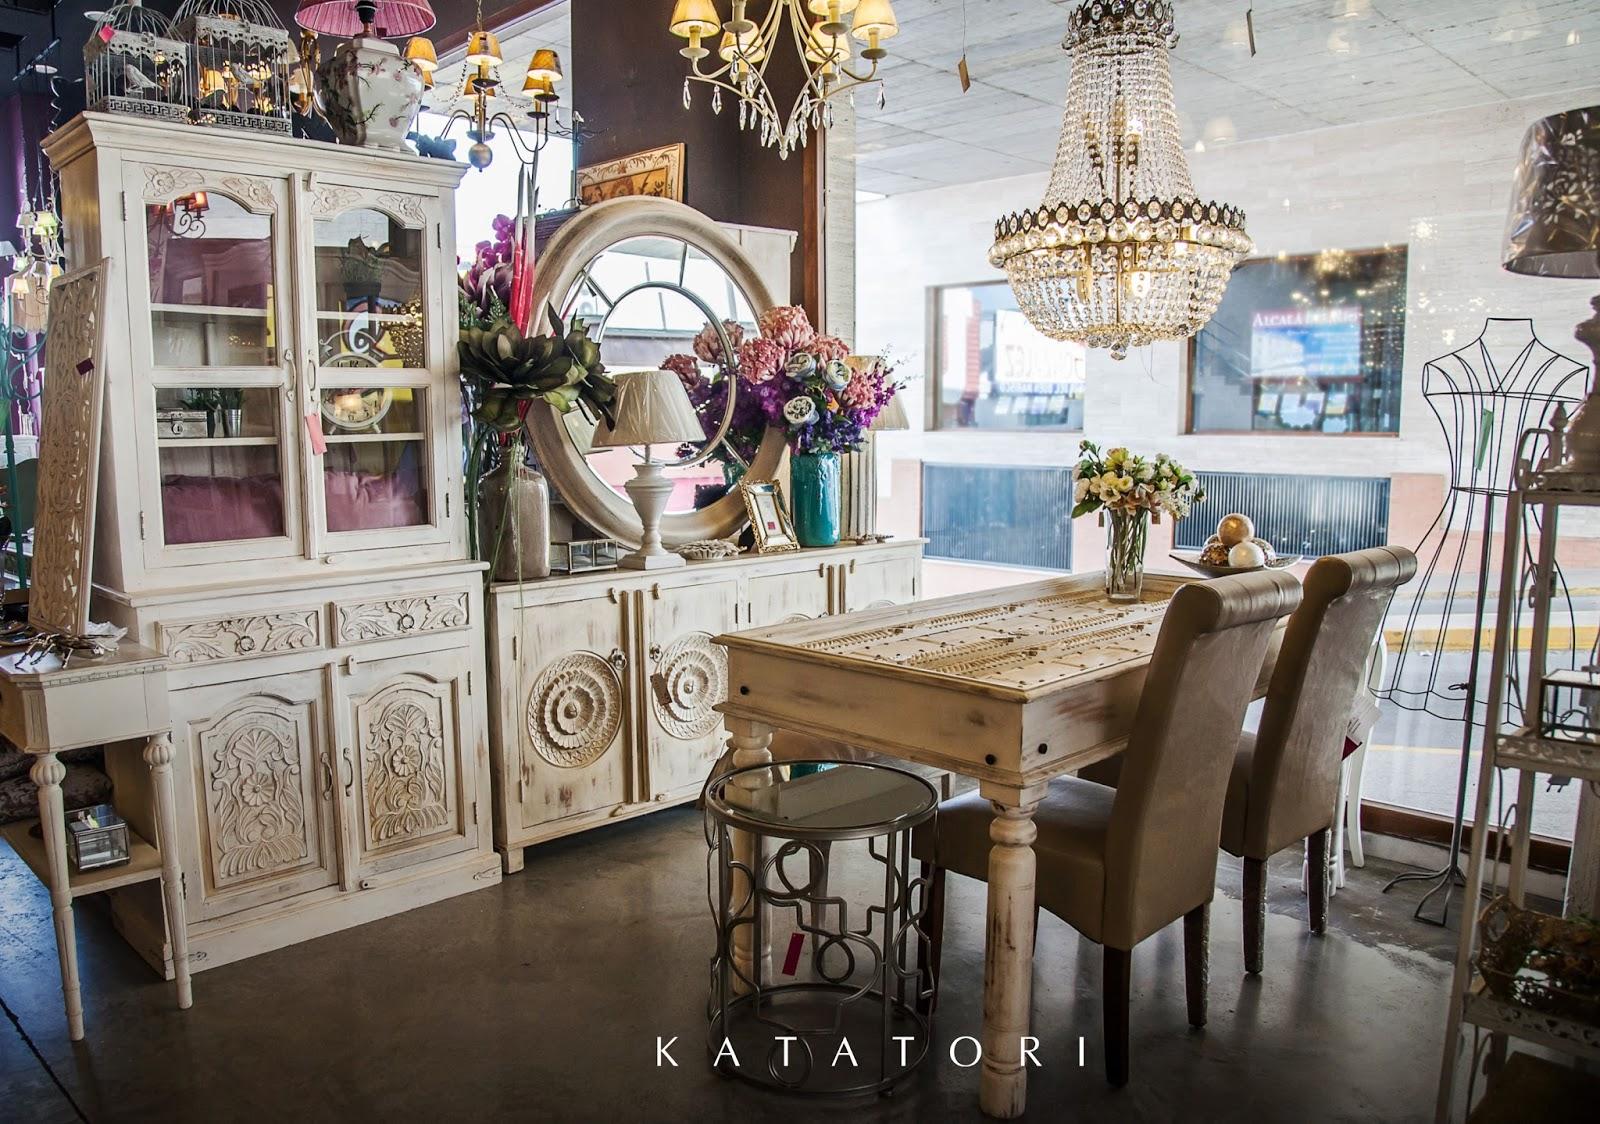 Katatori interiores fotograf as de marcos vega - Muebles decoracion sevilla ...